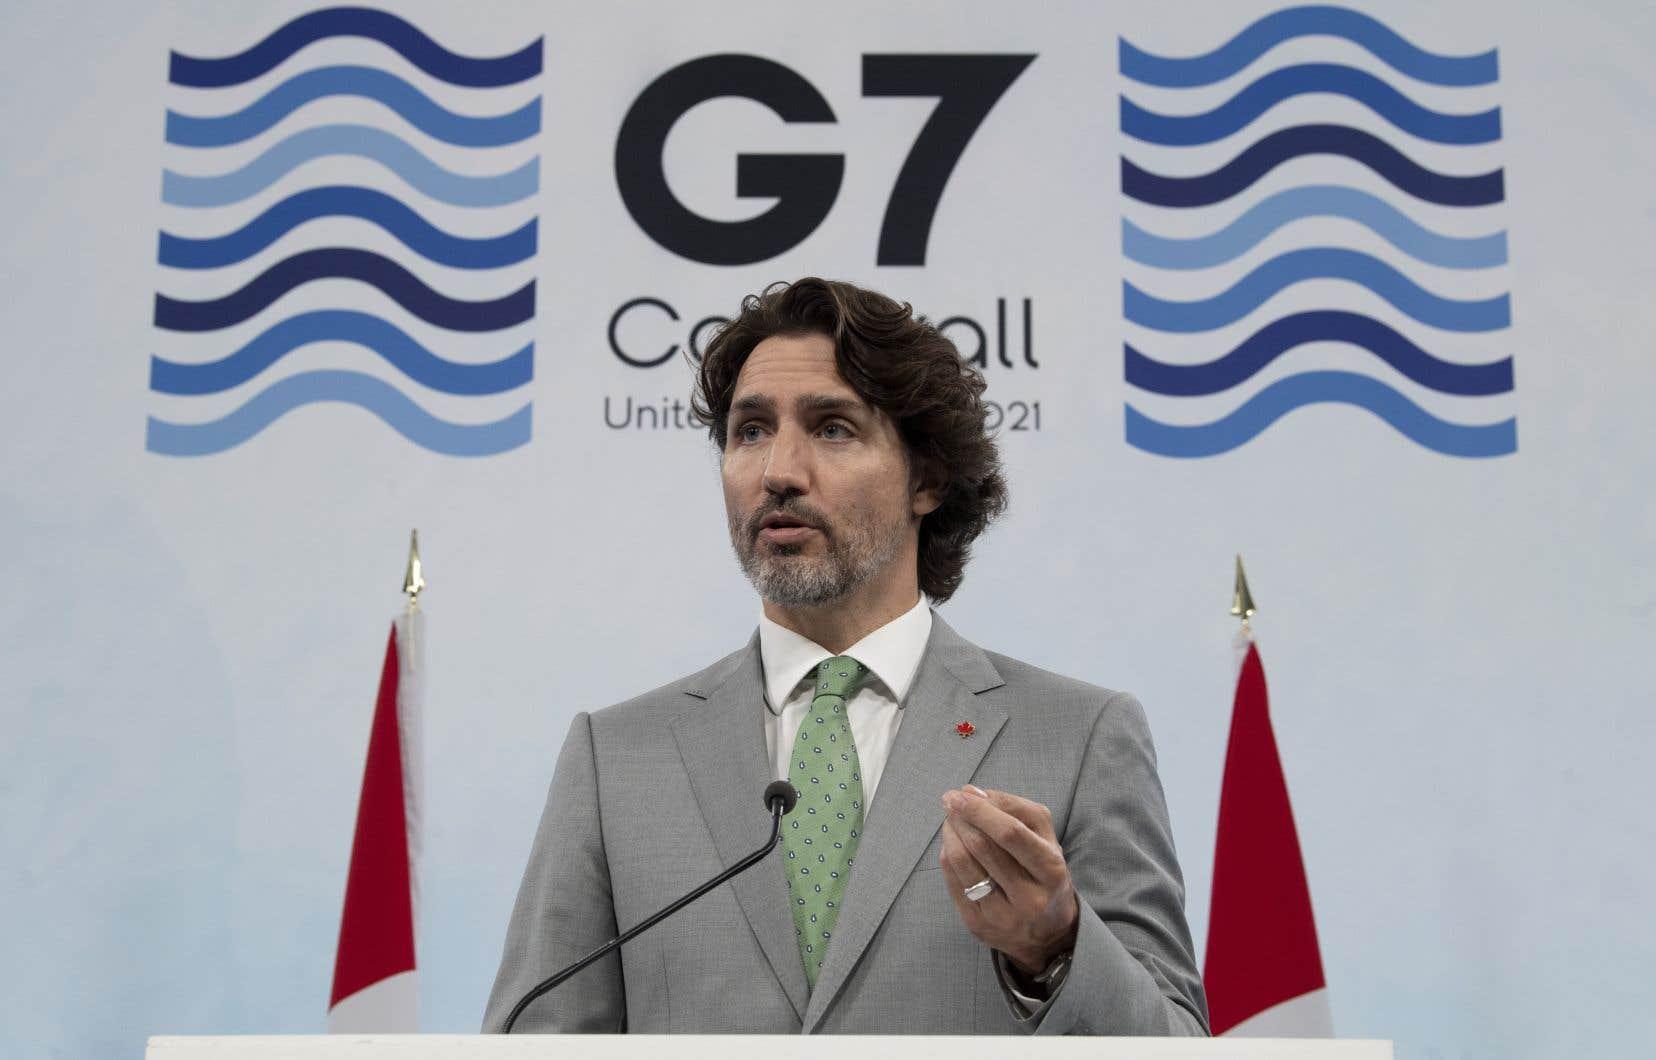 Le premier ministre Justin Trudeau a annoncé cet engagement à la fin du sommet du G7 en Angleterre, dimanche.